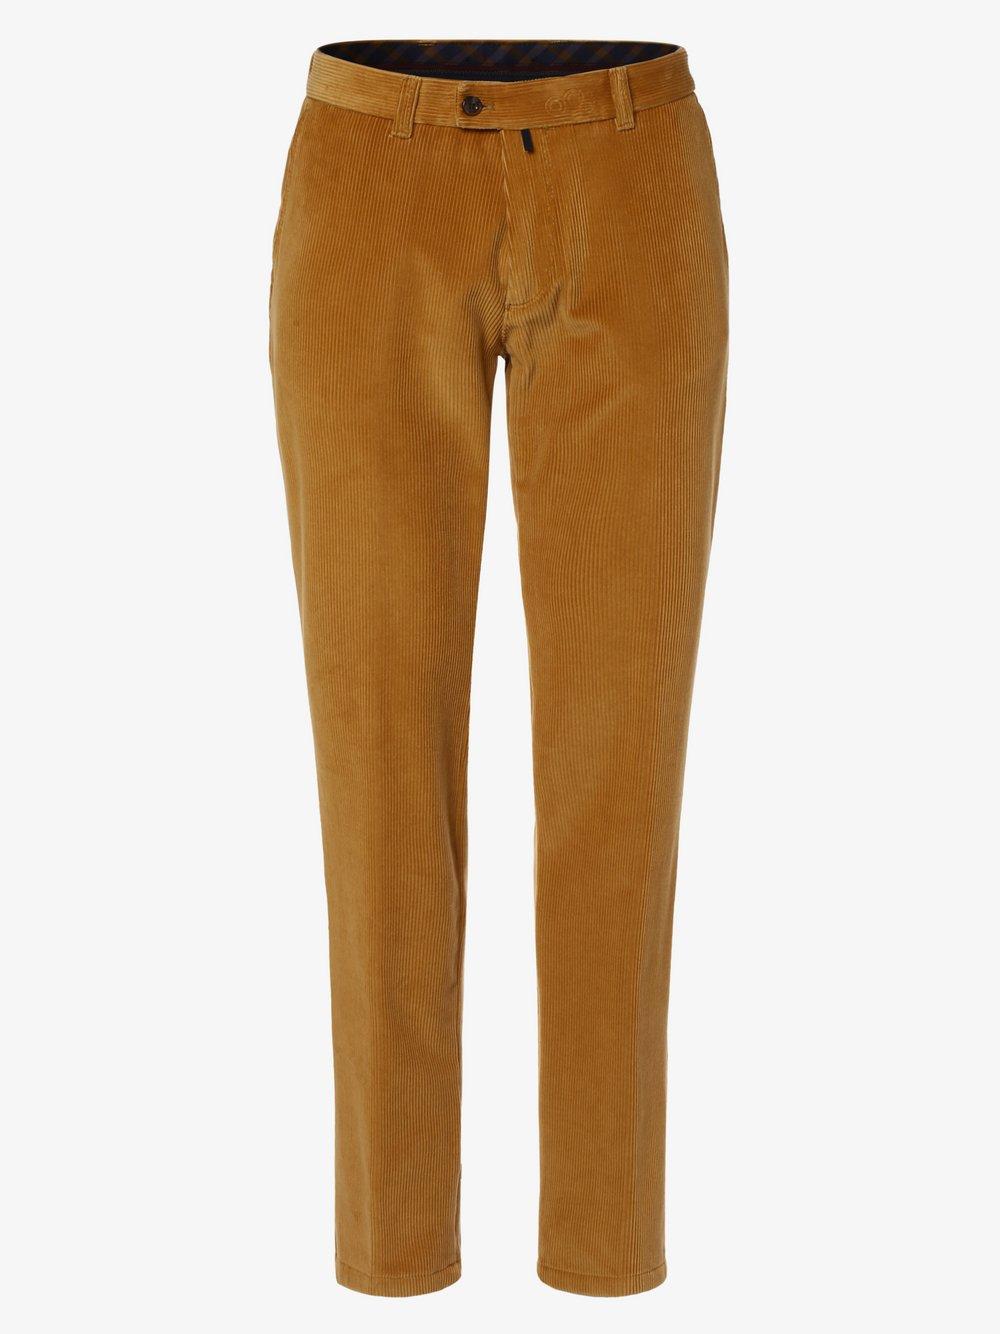 Eurex – Spodnie męskie, żółty Van Graaf 449133-0003